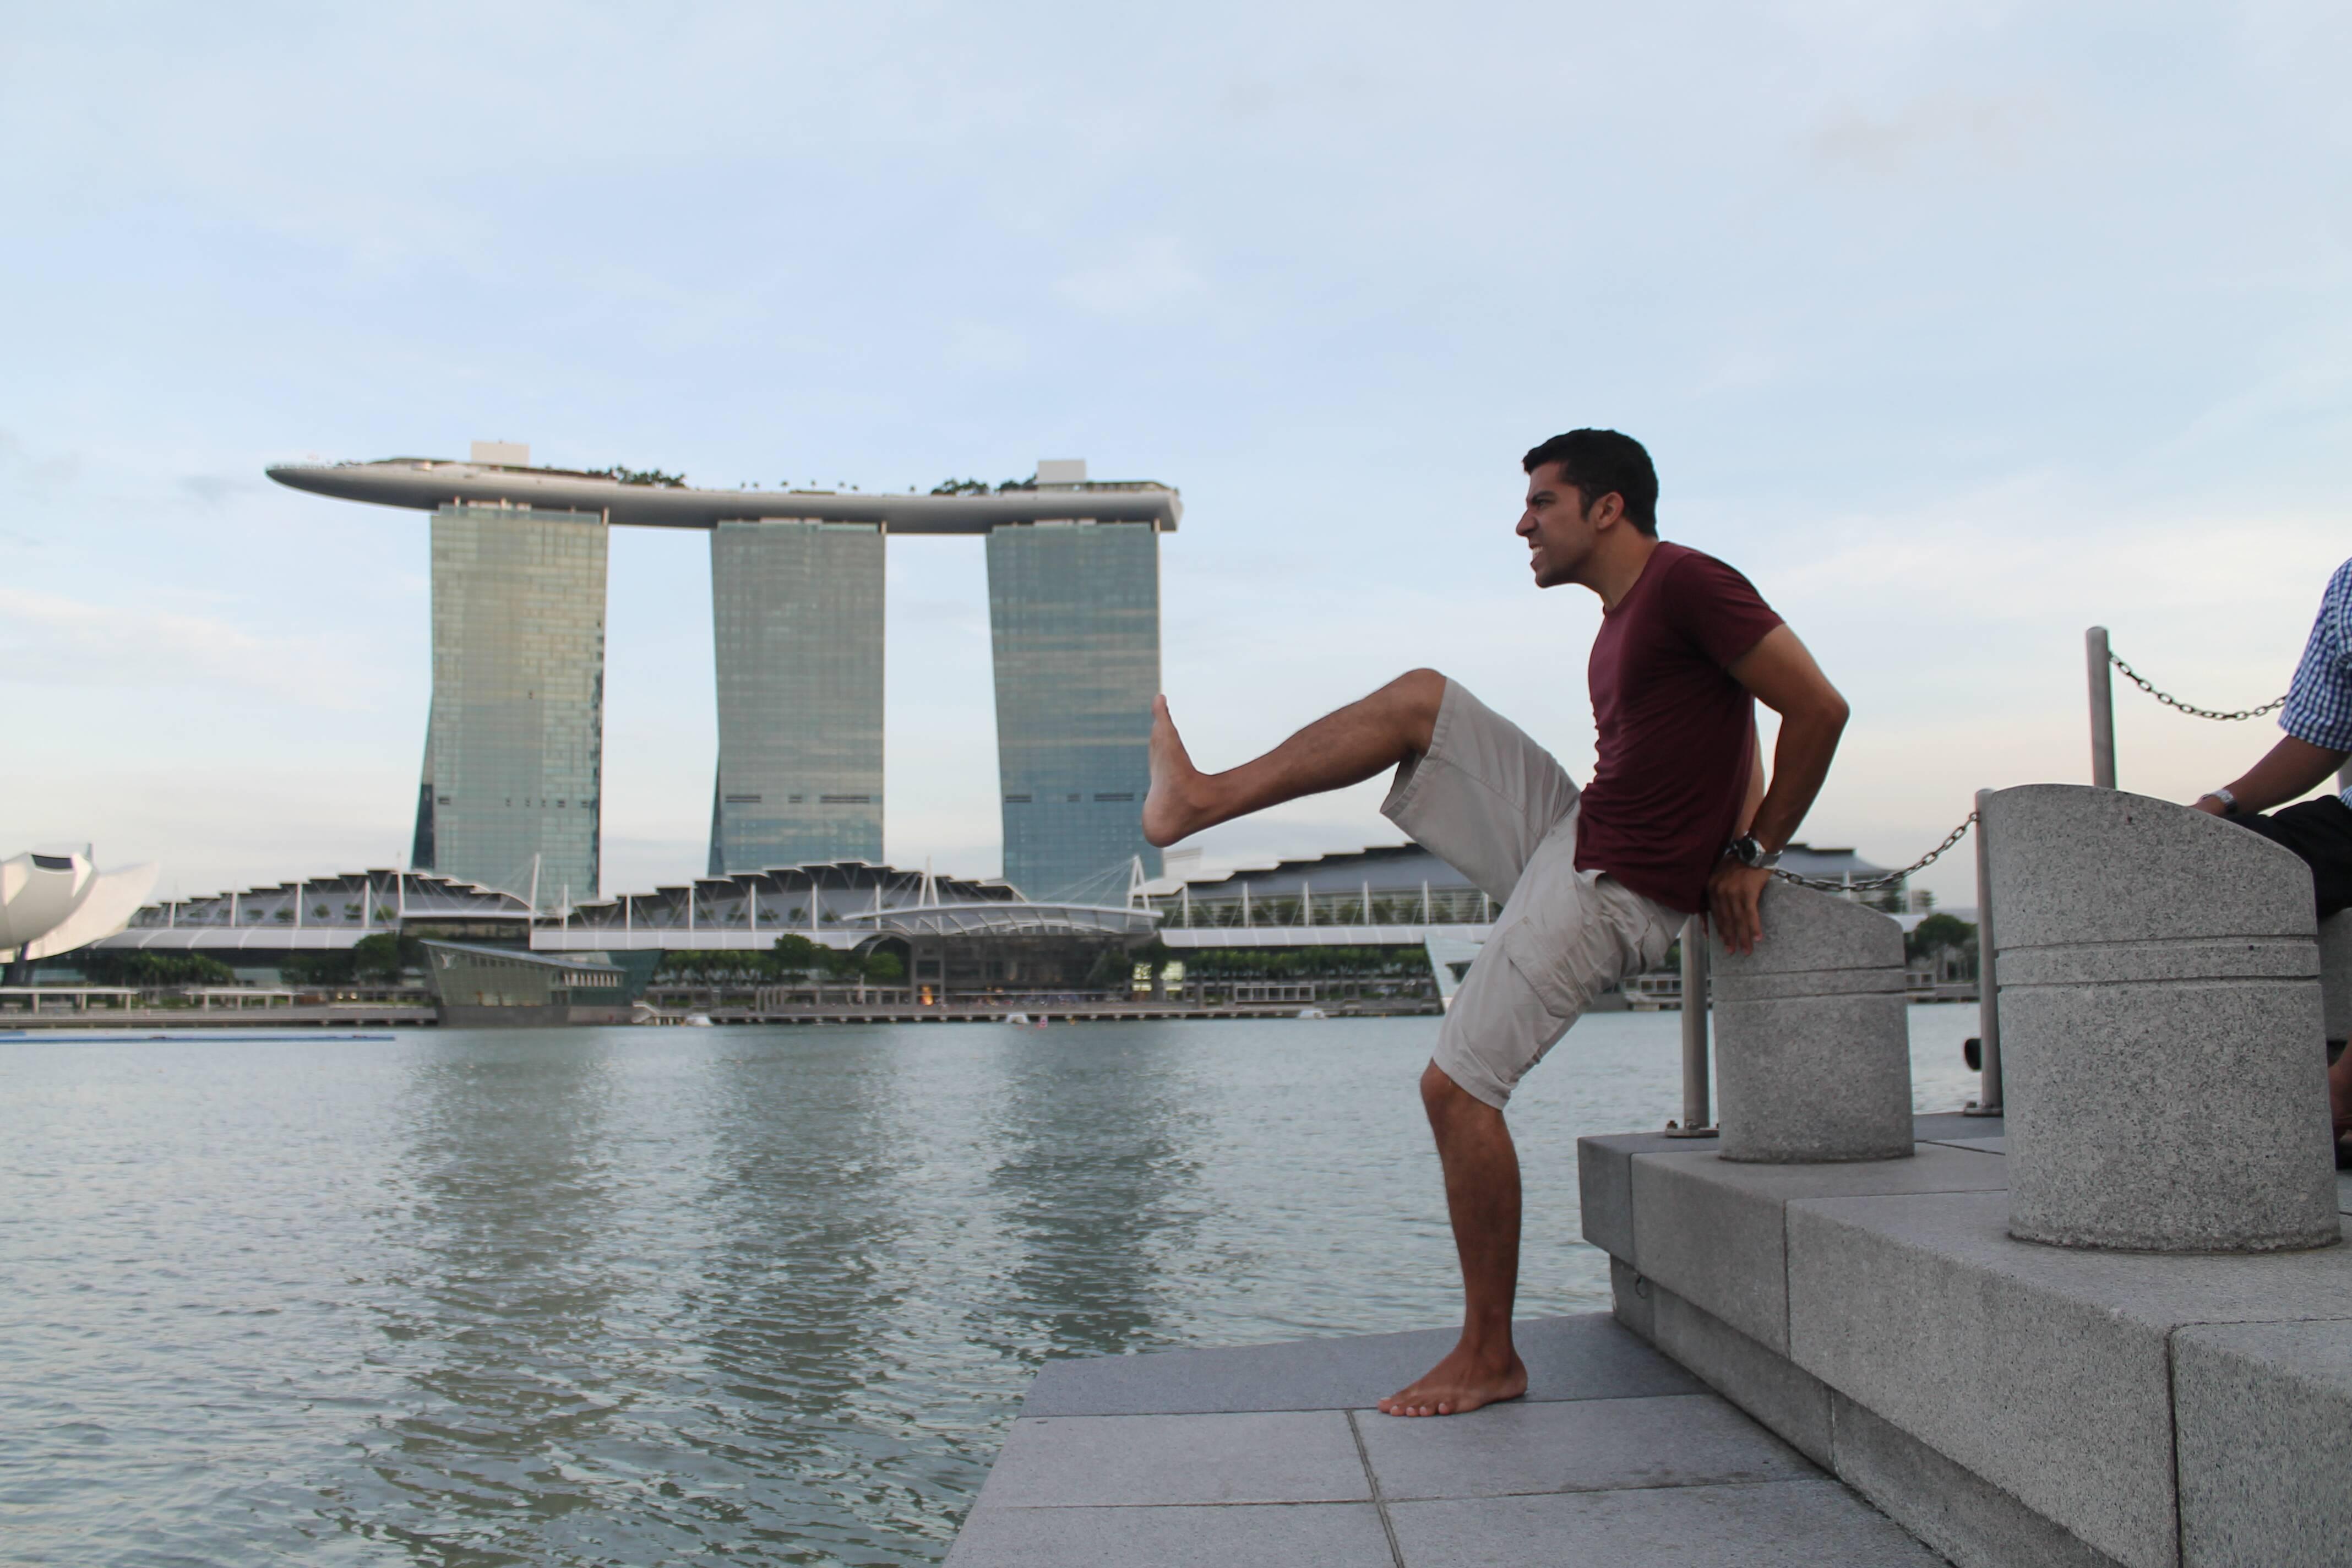 Bruno tentando derrubar o Marina Bay Sands em Singapura